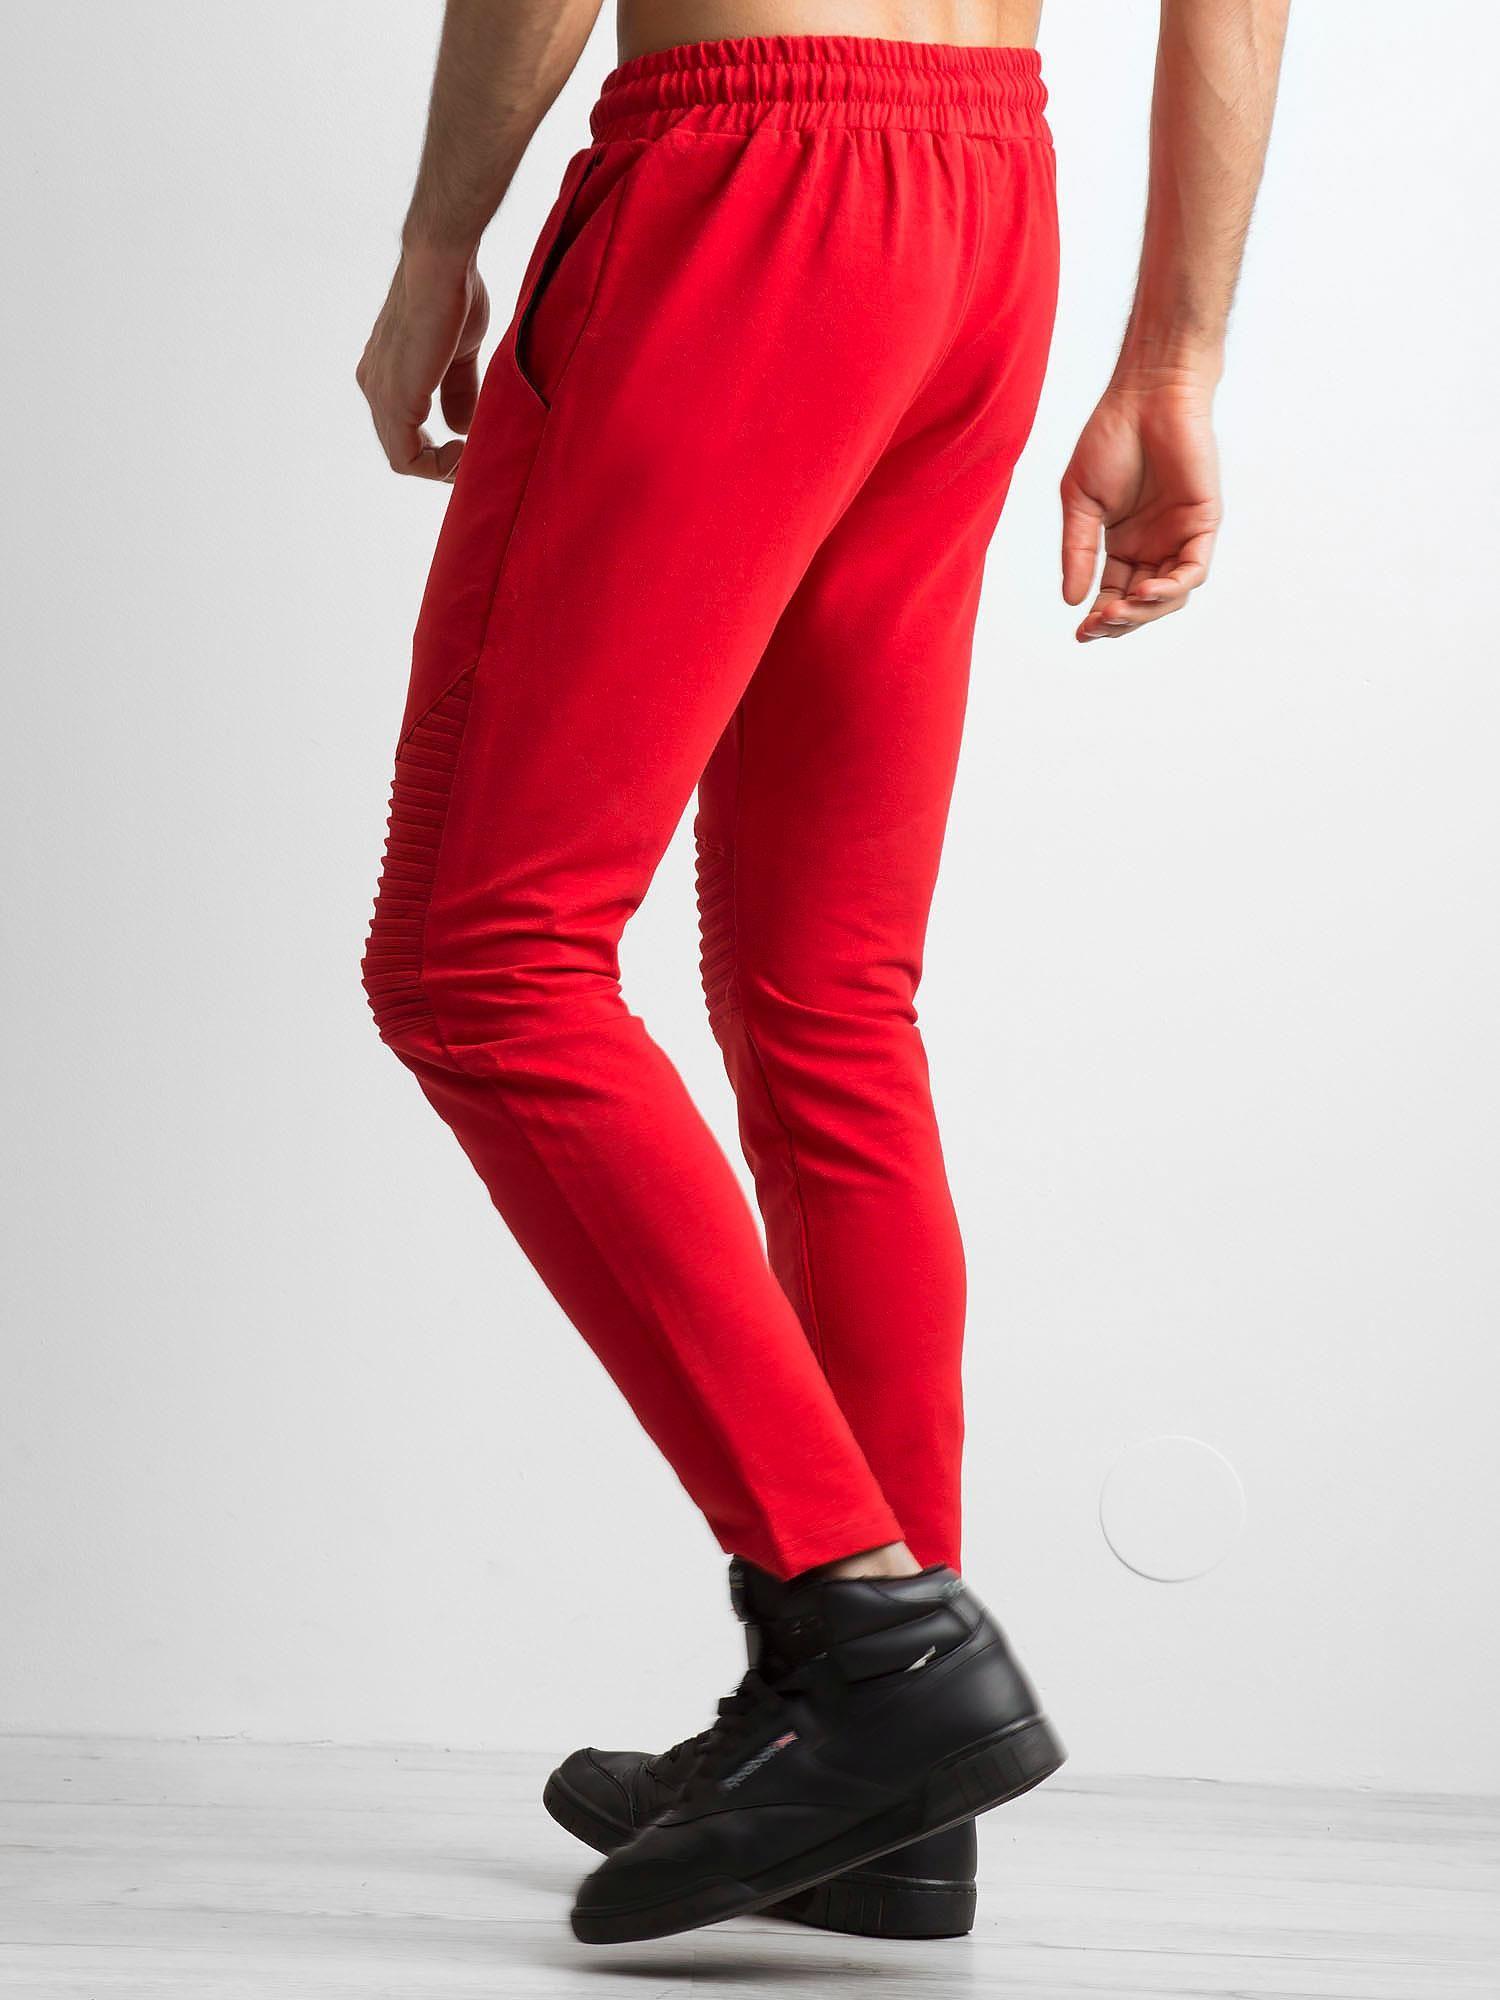 b8cf62ecb Czerwone męskie spodnie dresowe z przeszyciami - Mężczyźni Spodnie dresowe  męskie - sklep eButik.pl